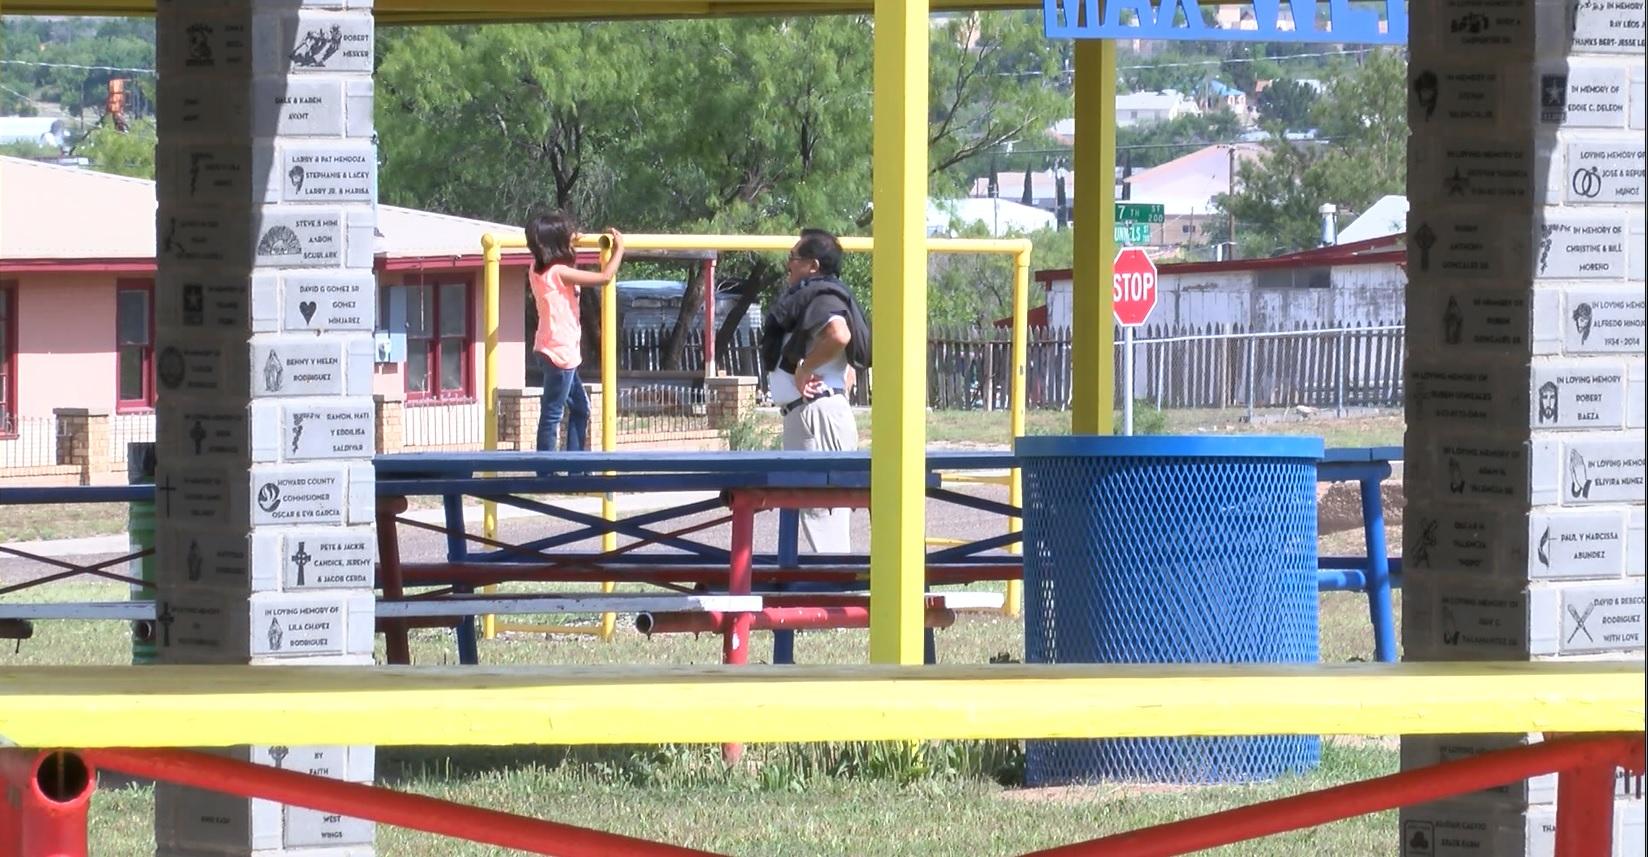 alcohol in park_1431490219891.jpg